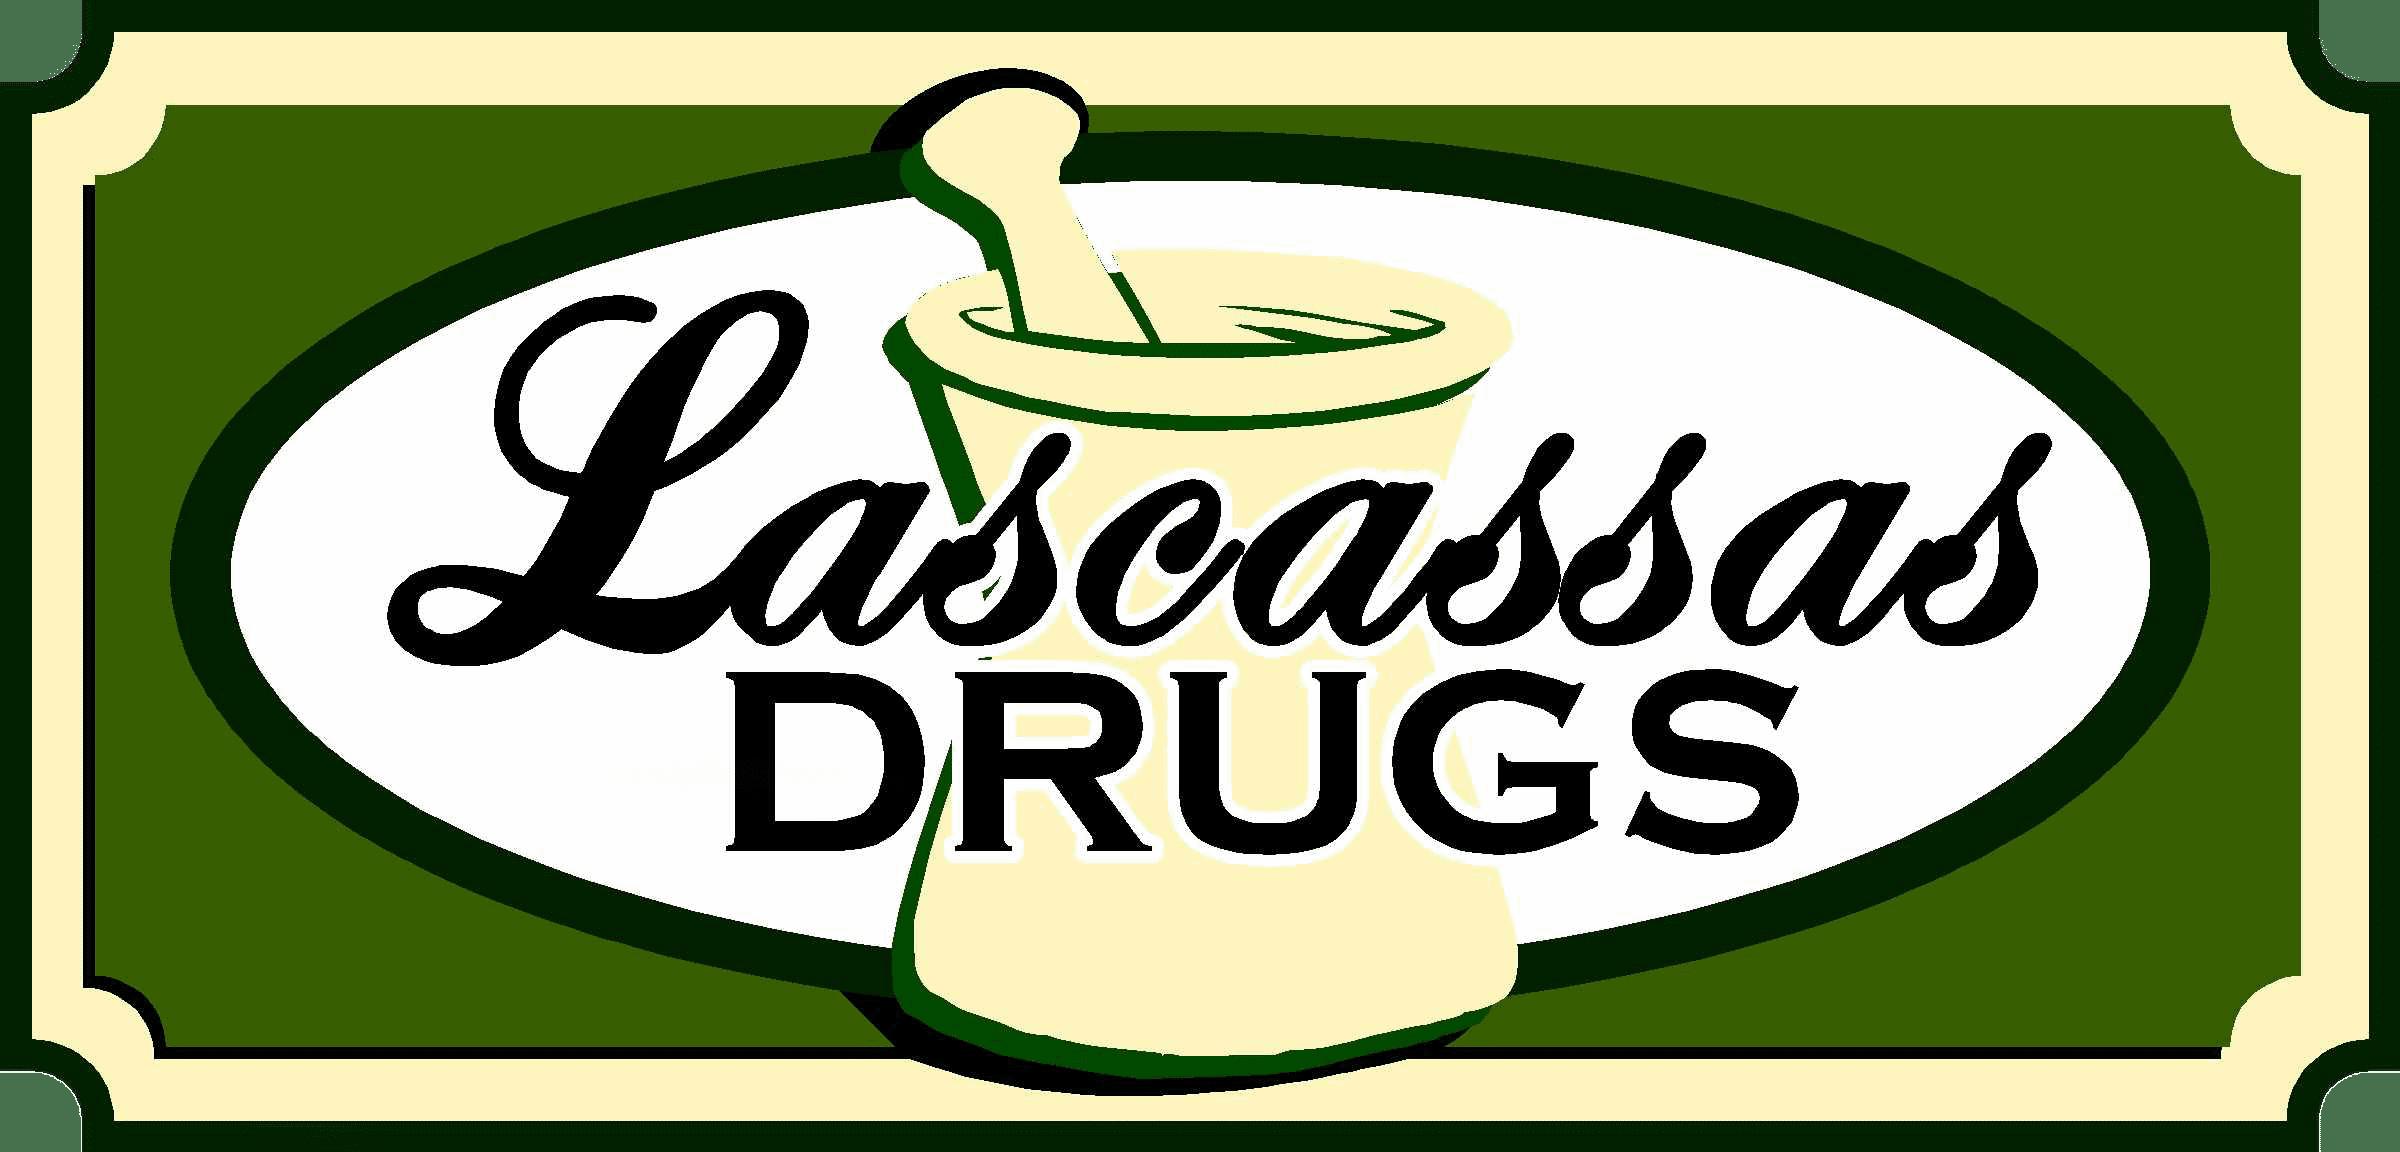 Lascassas Drugs